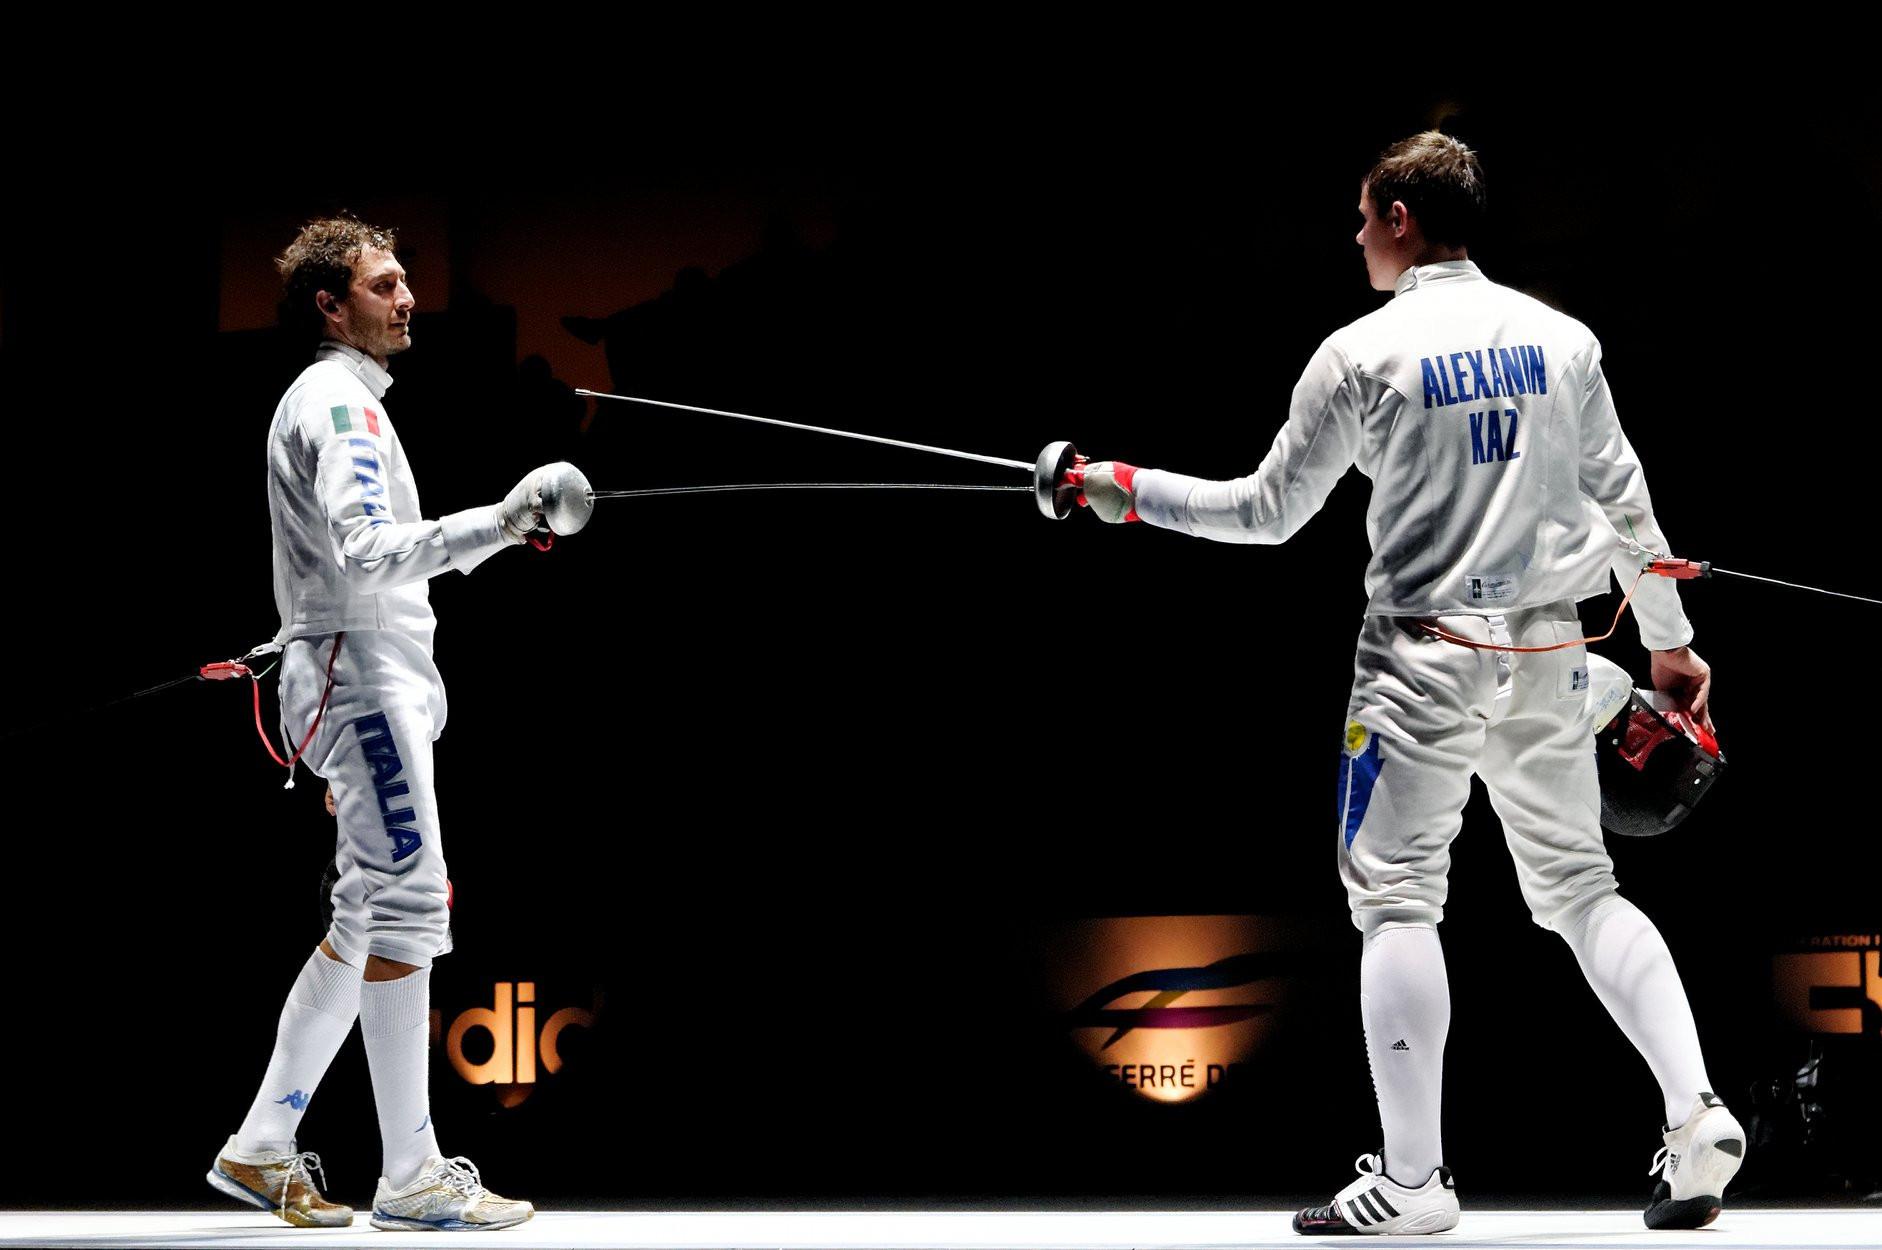 Этап Кубка мира по фехтованию: 13-е место заняла мужская команда